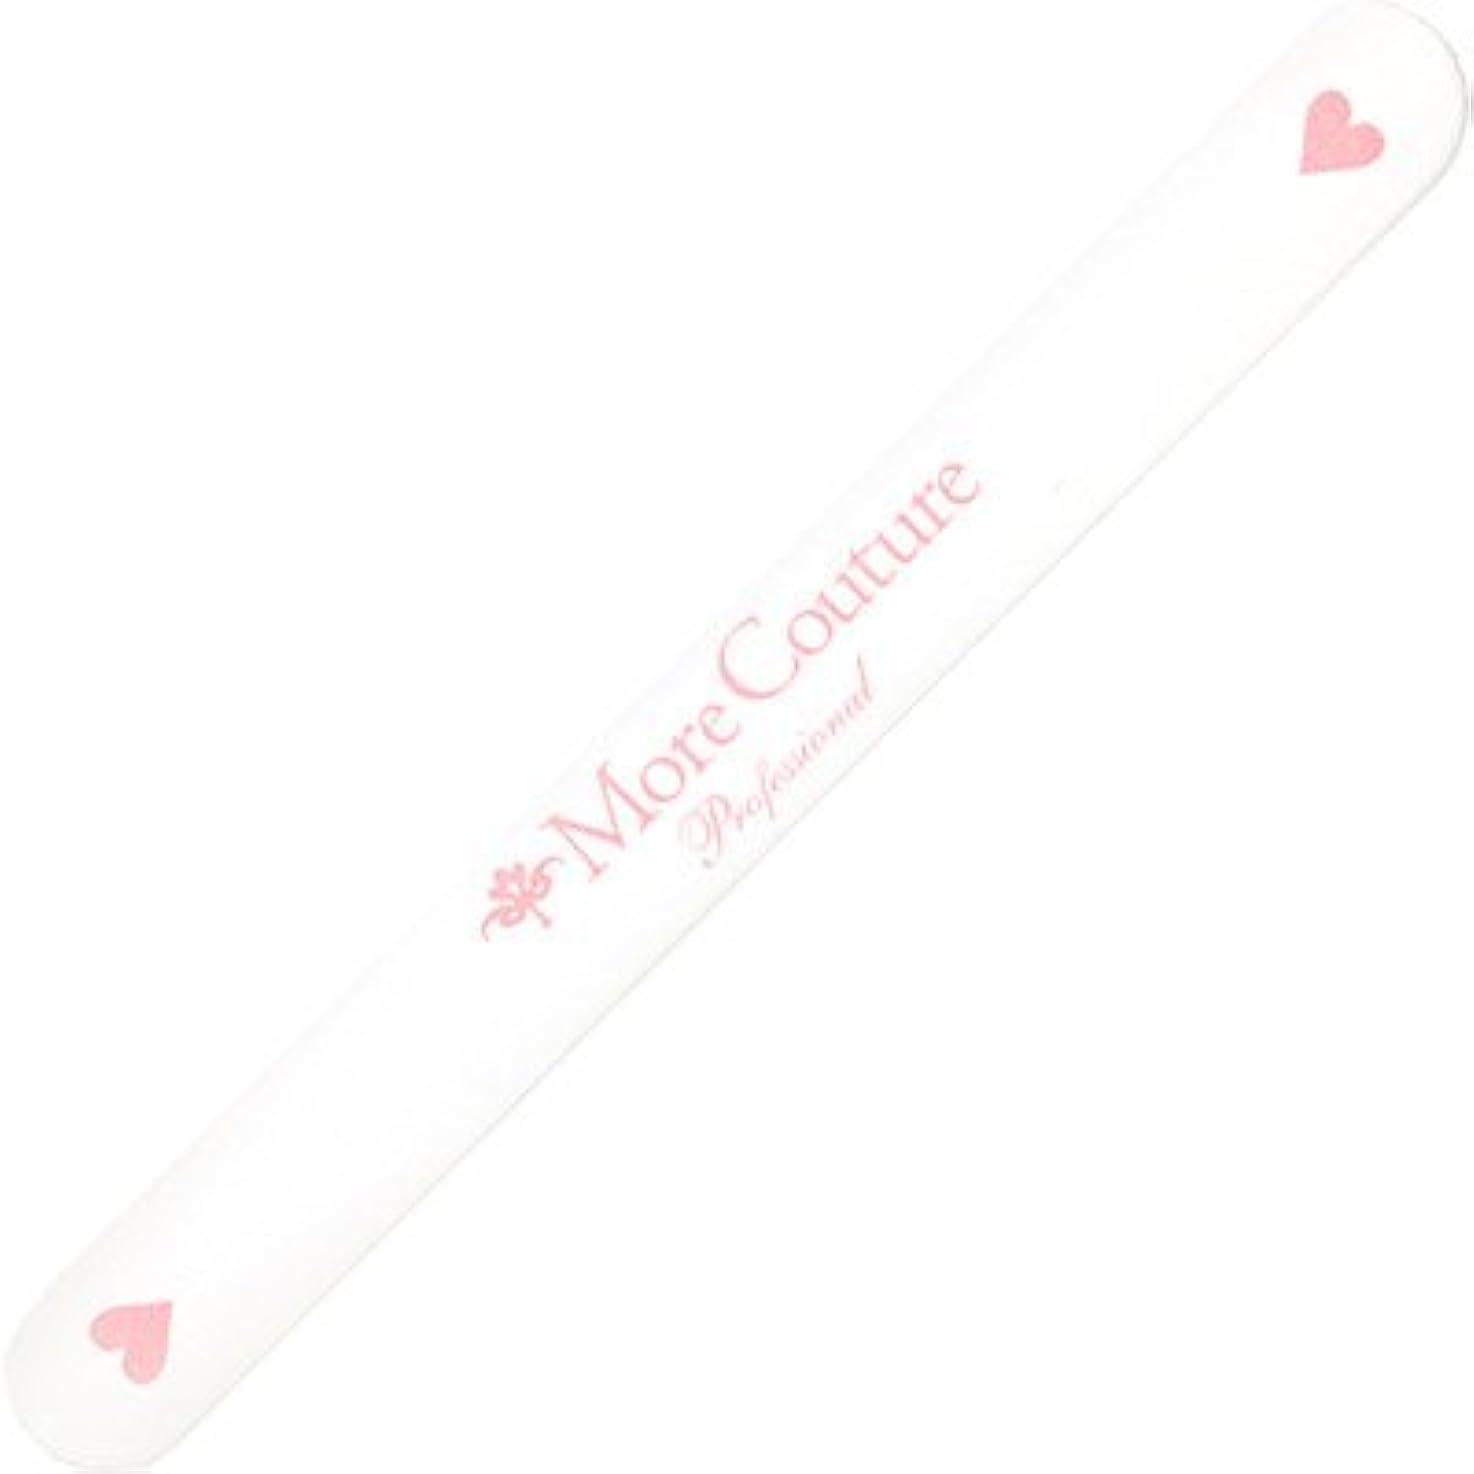 上がるプログラム幻滅するMore Couture(モアクチュール)エメリーボード ハート#120/240